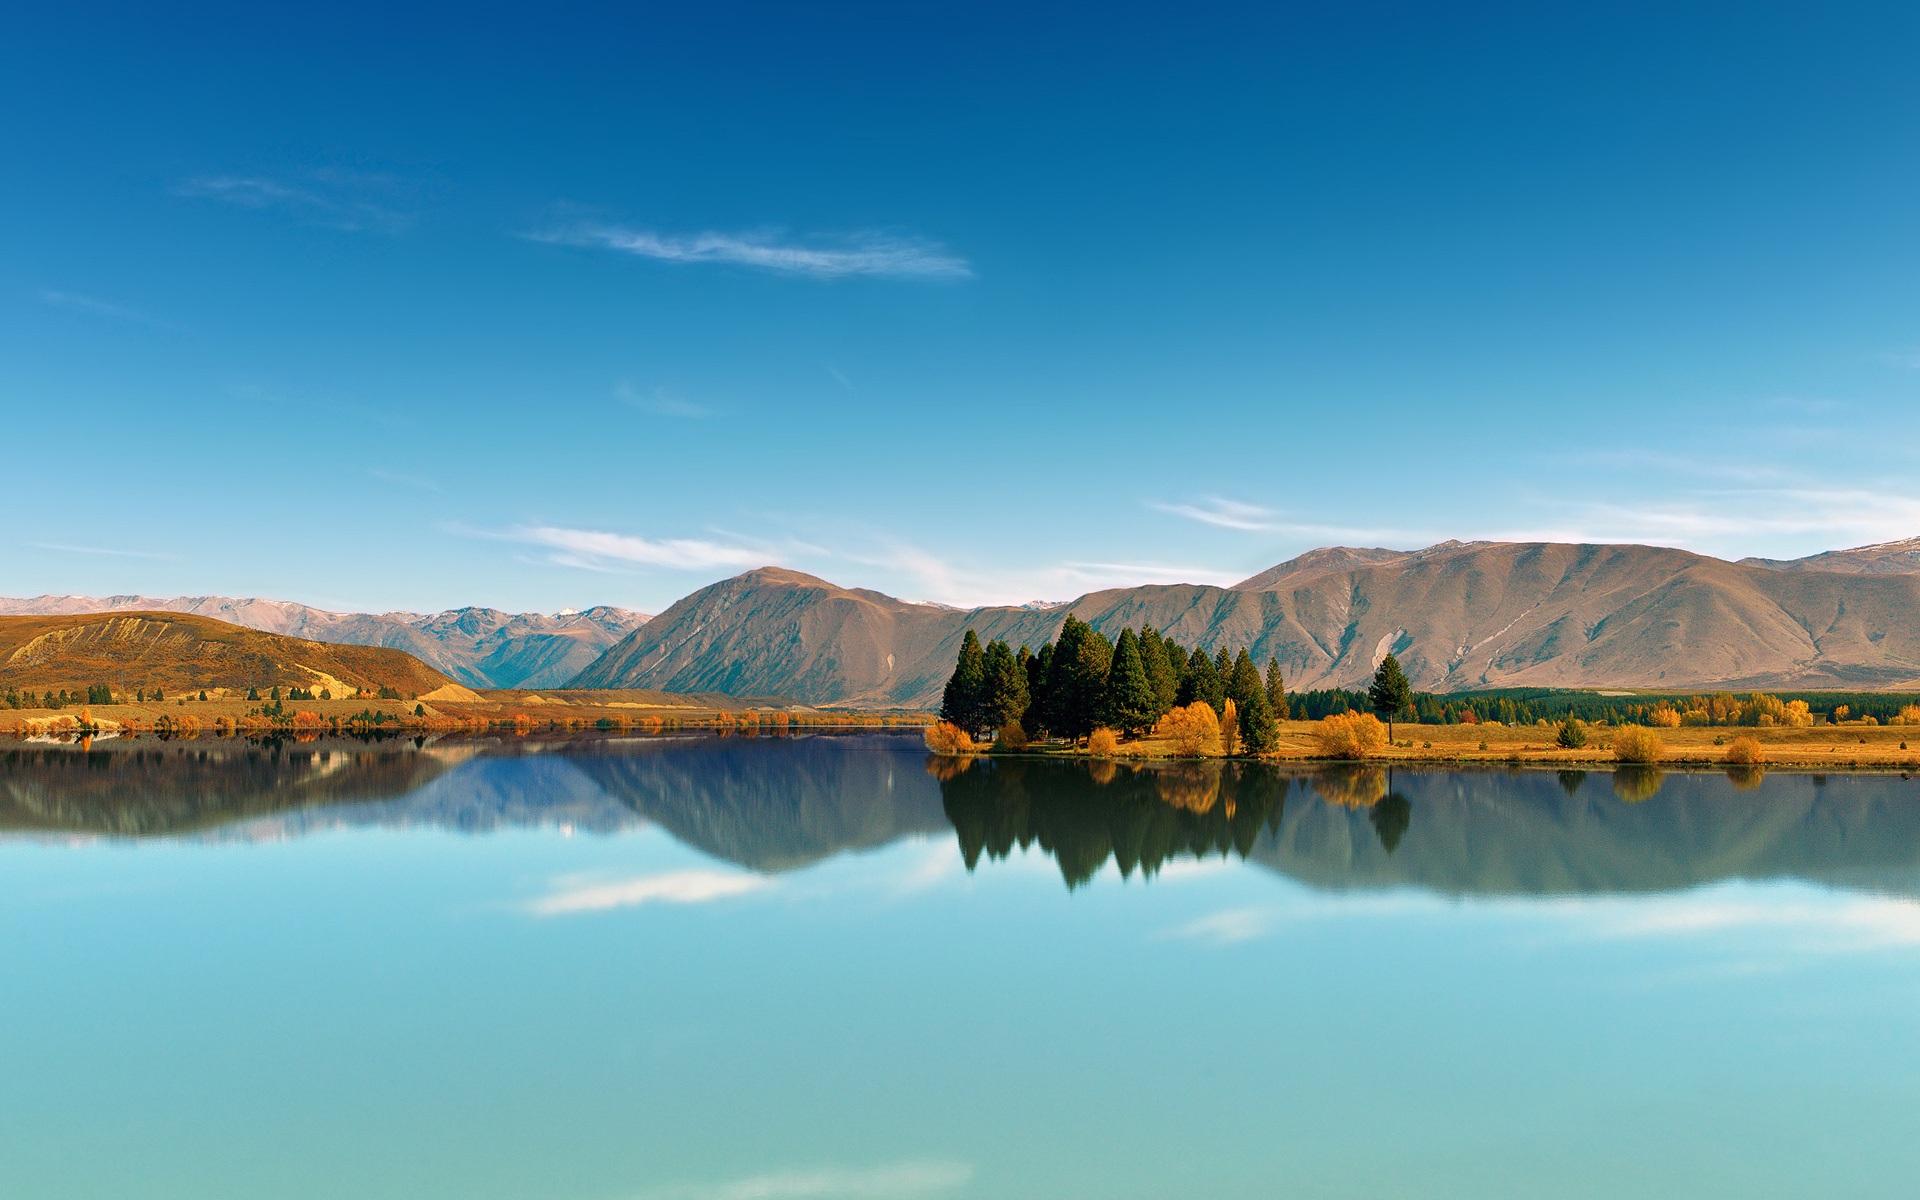 природа озеро деревья отражение горы загрузить